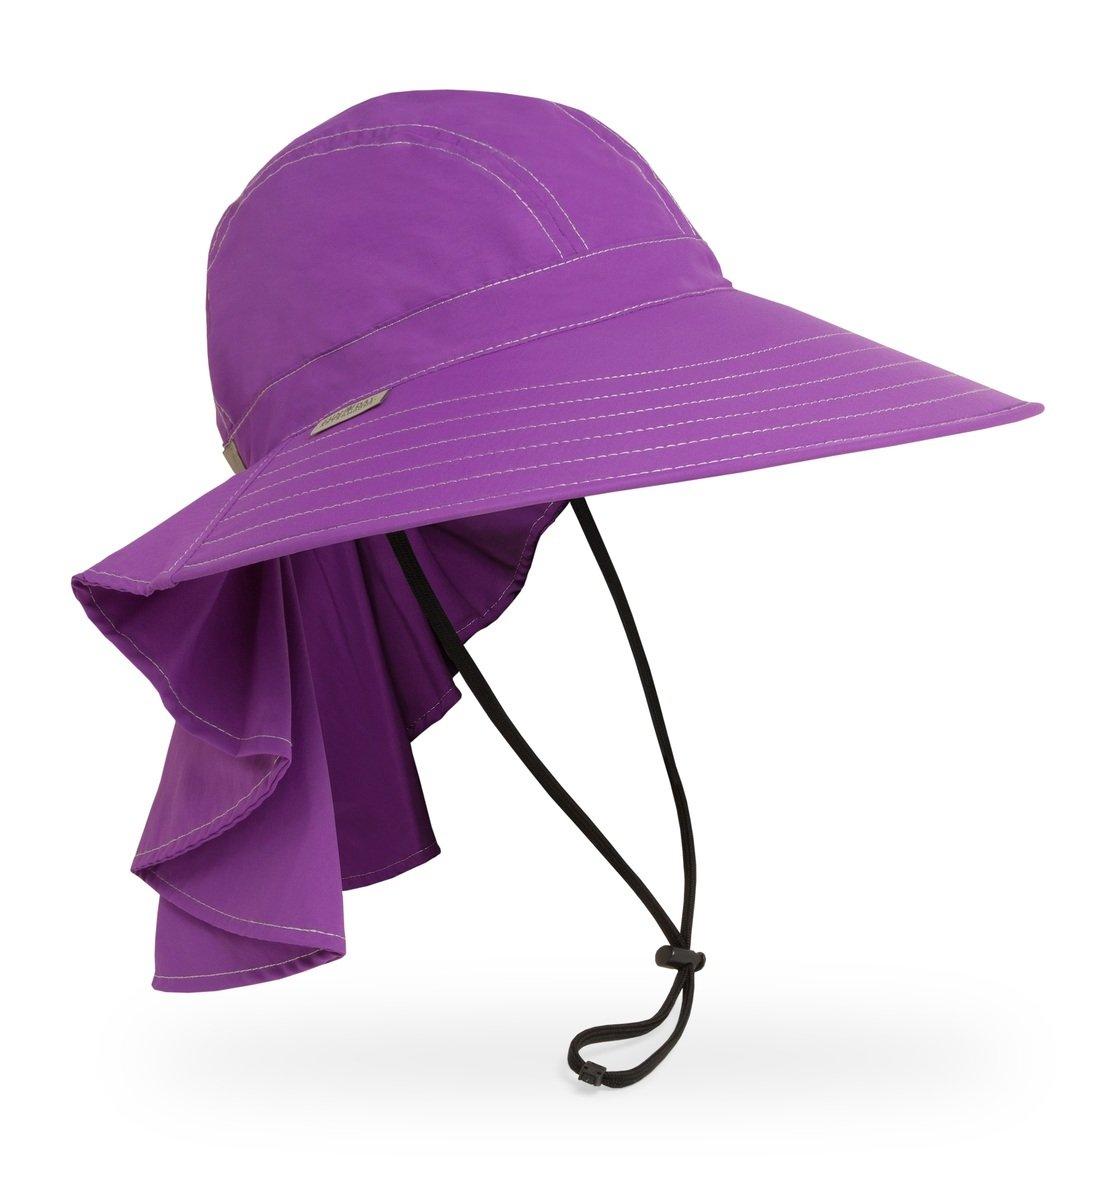 美國永久最高防曬帽 - Sundancer Hat, african violet